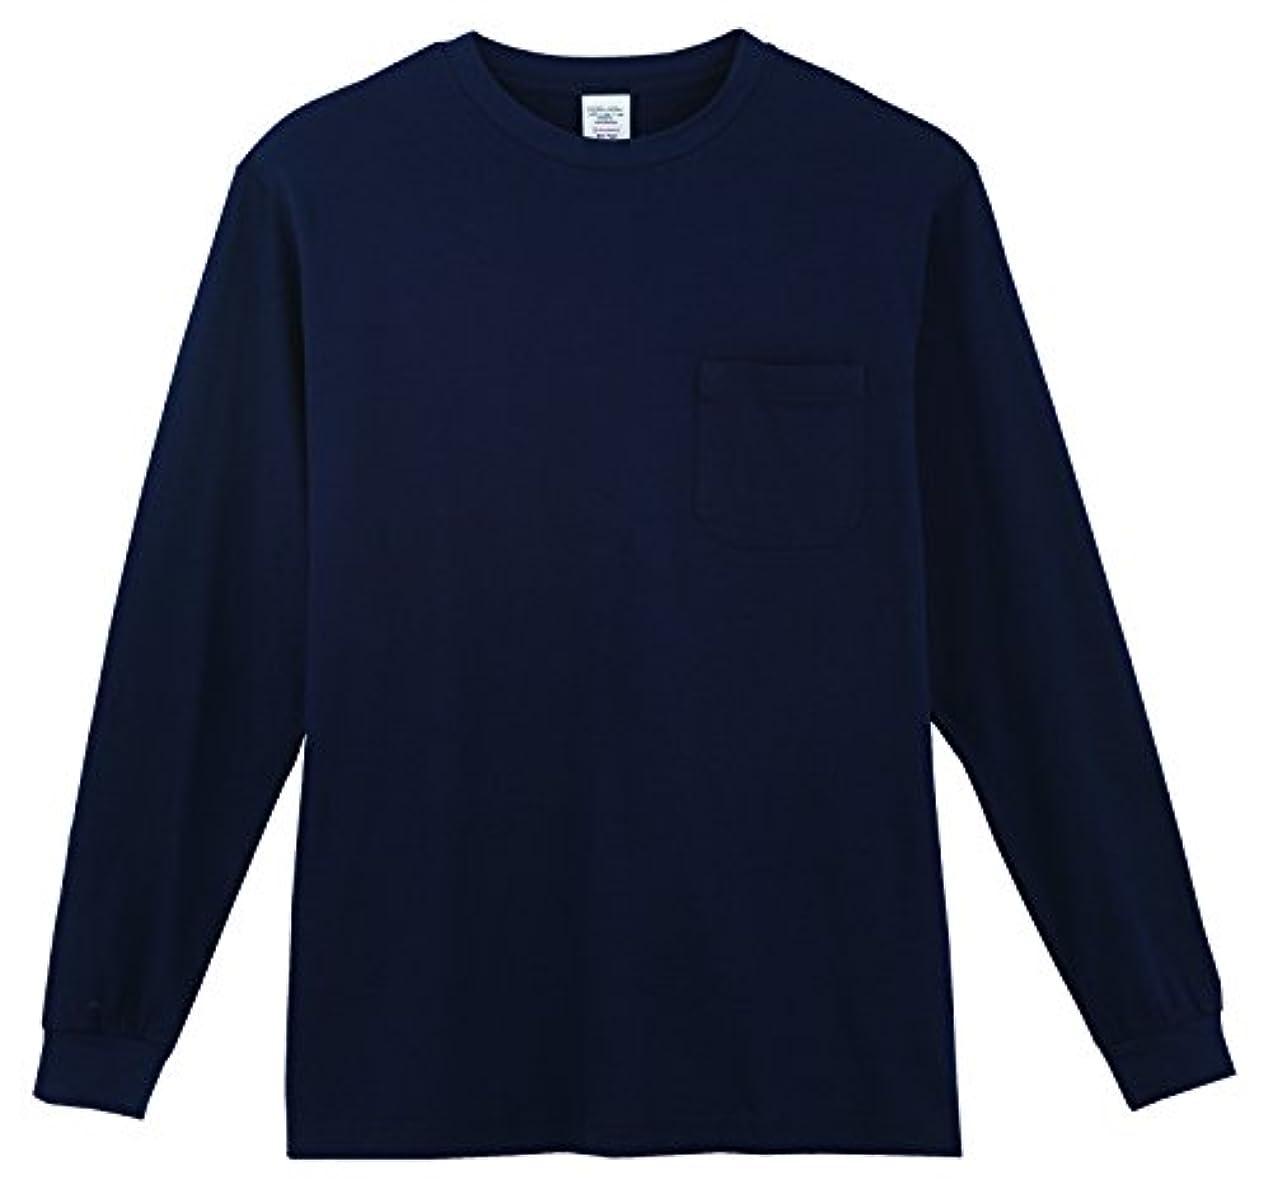 寓話好色なありふれたCO-COS コーコス 3008 13ブラック 長袖Tシャツ Mサイズ